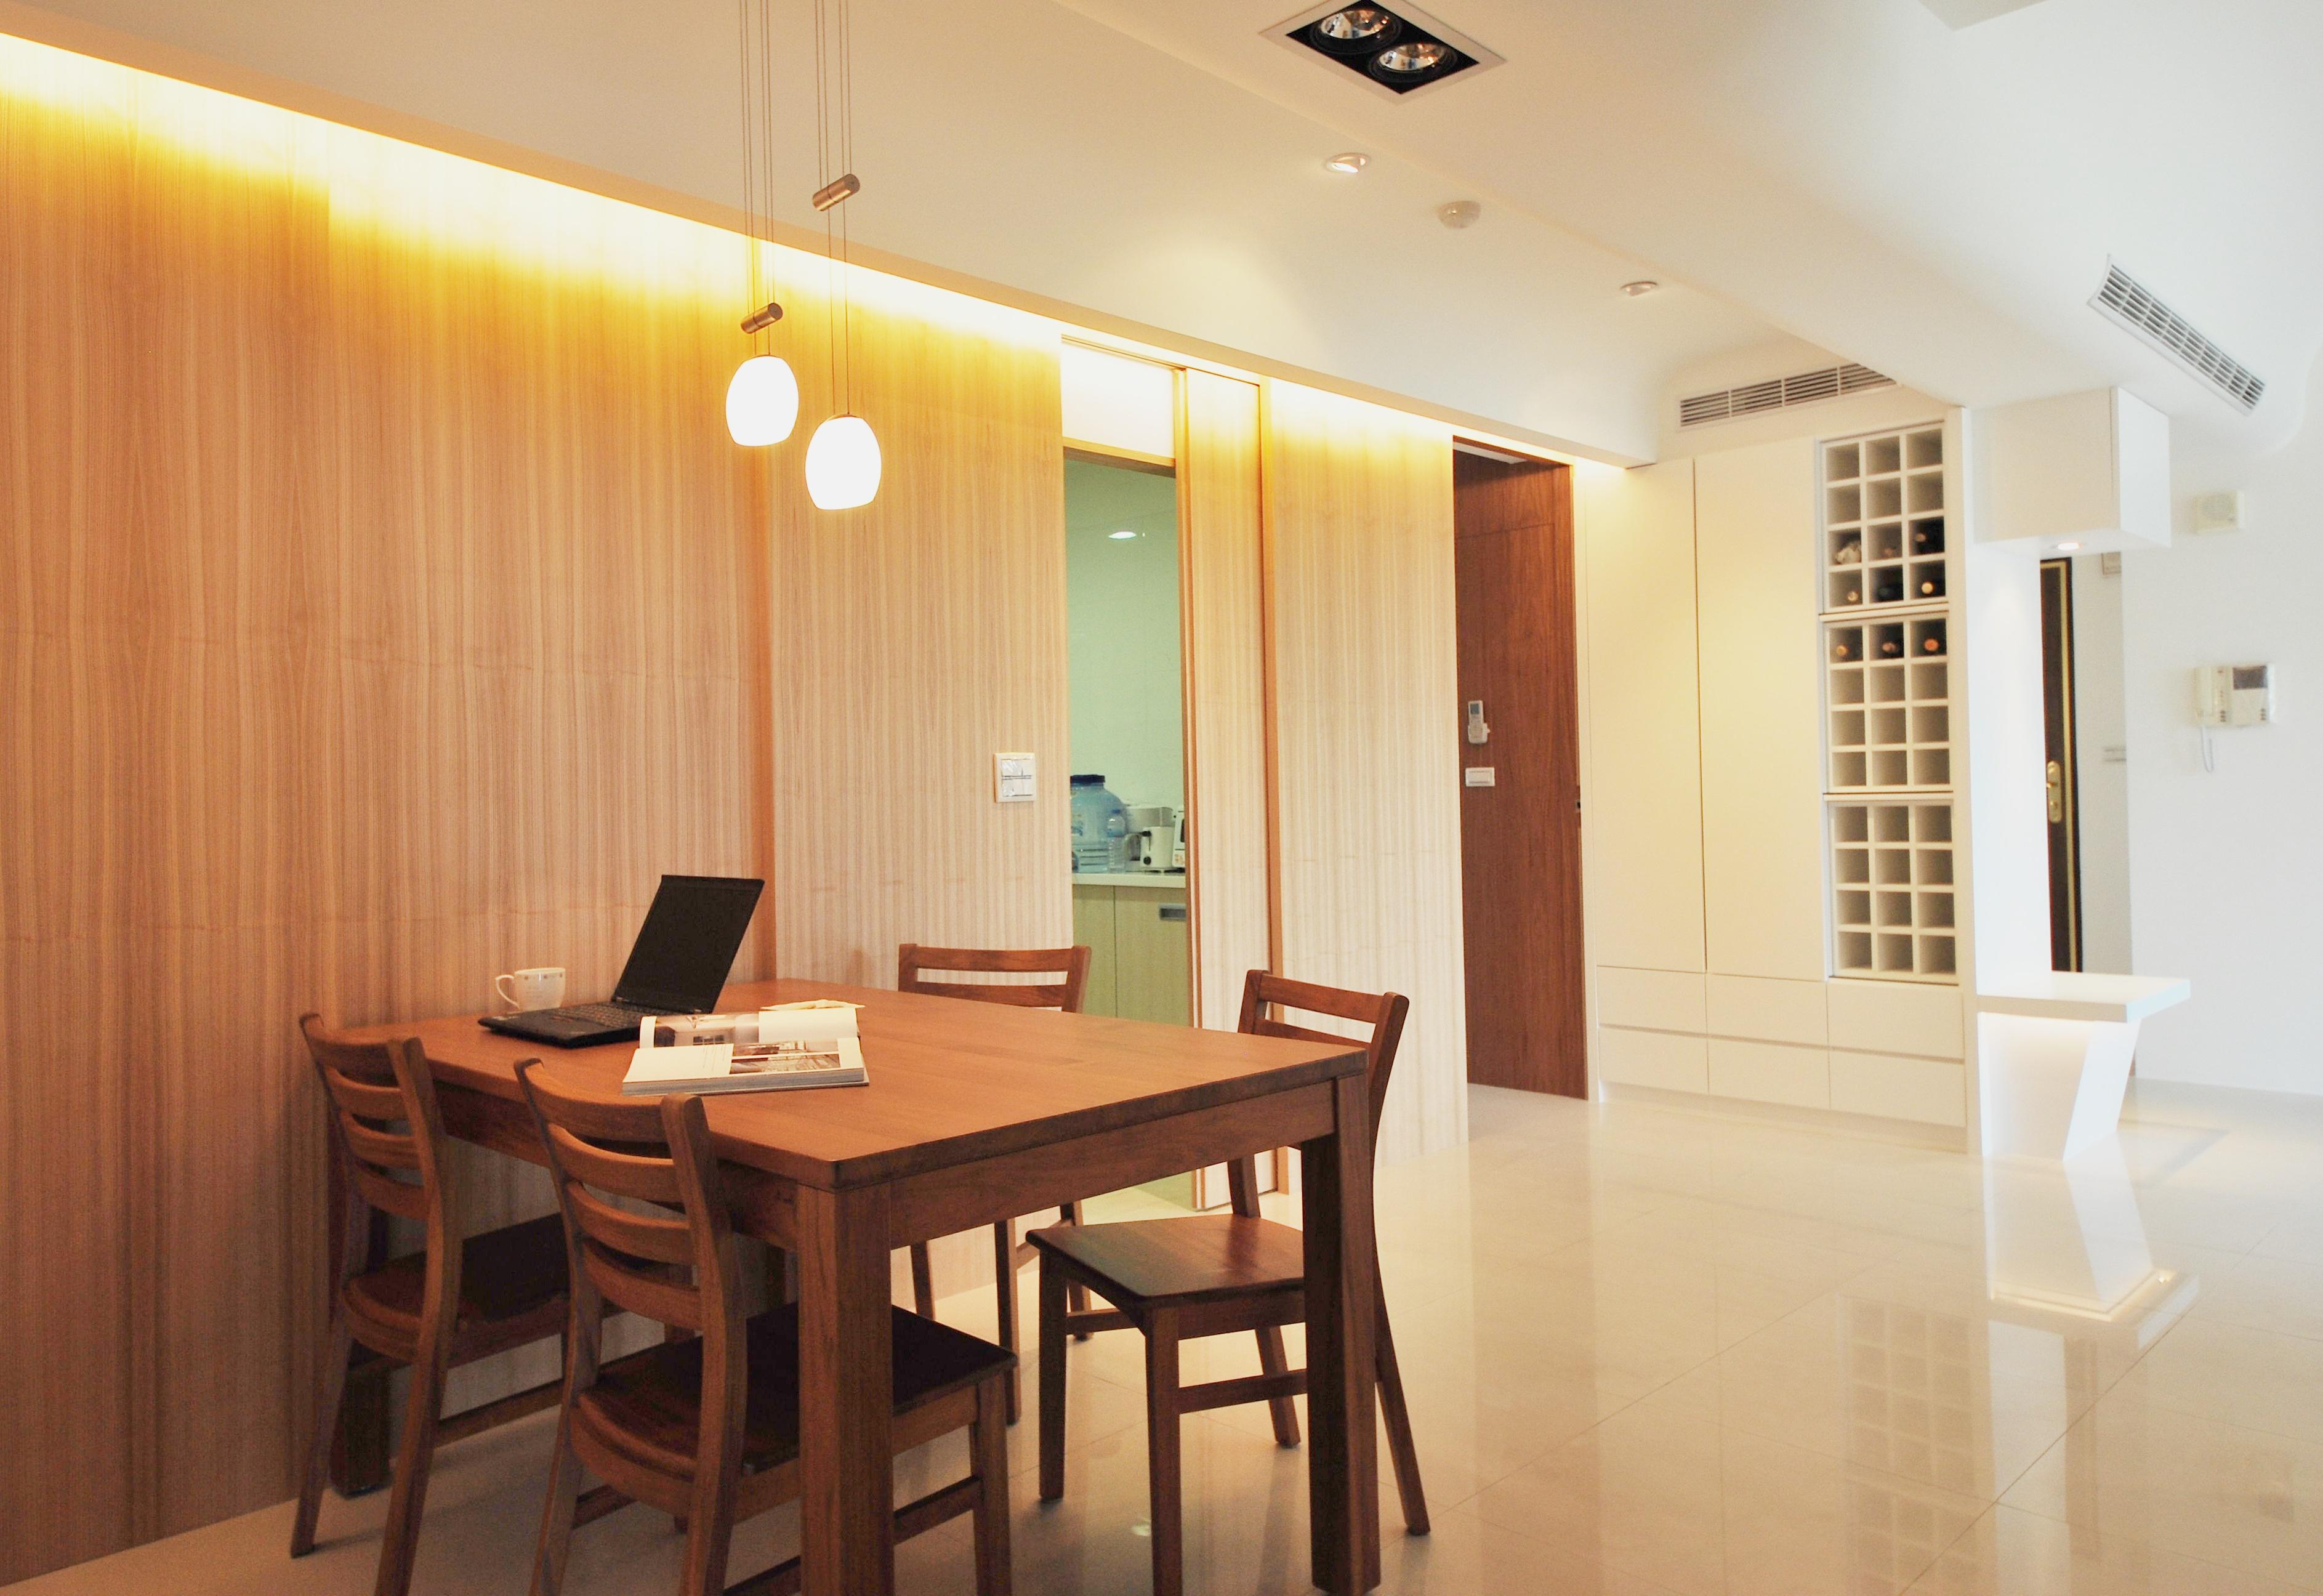 住宅設計現代簡約風-6